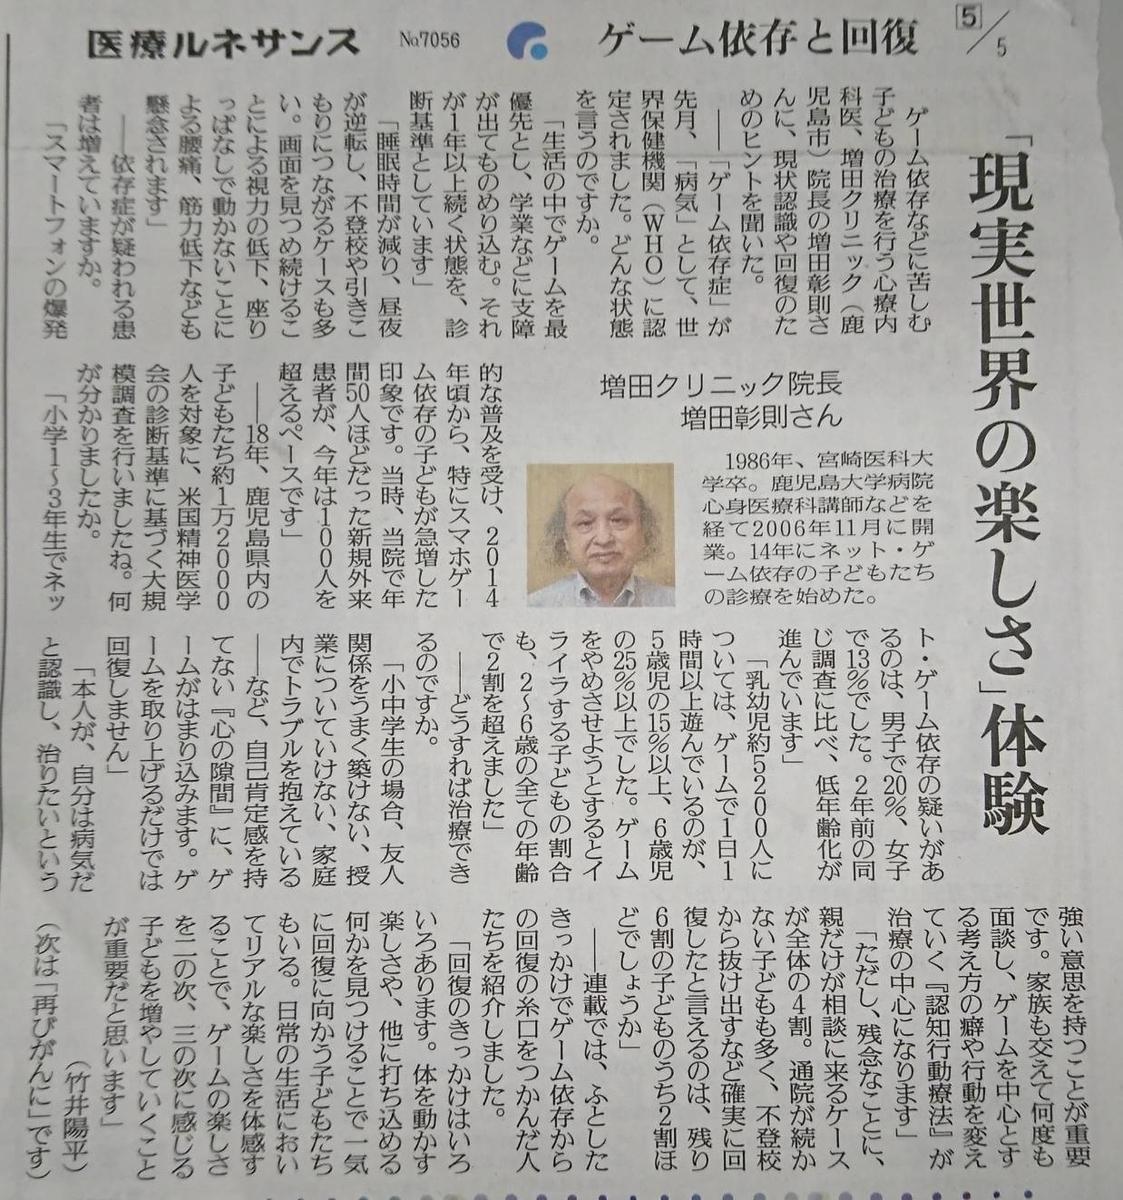 f:id:kazura-kobayashi:20200703105509j:plain